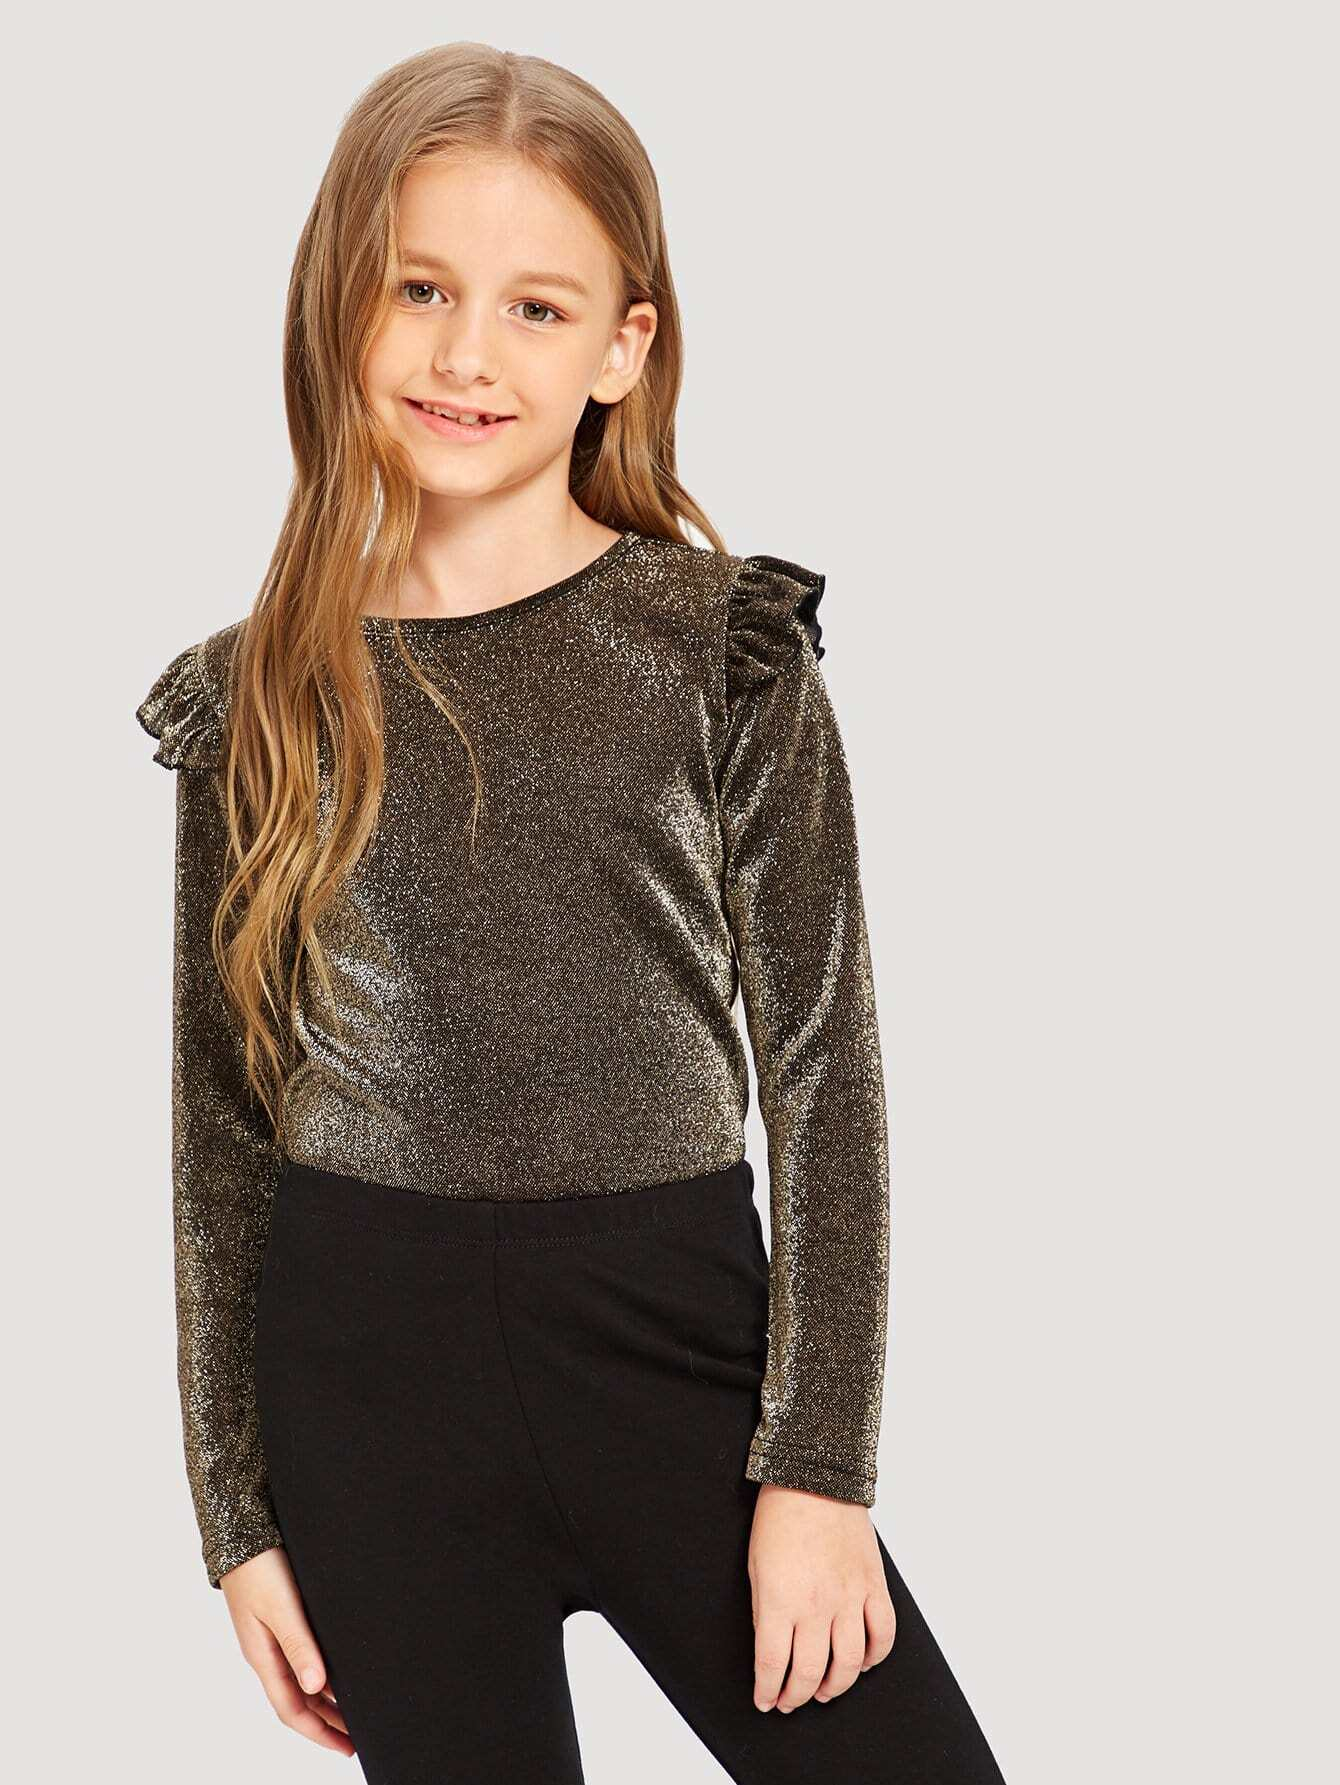 Купить Блестящая футболка с розеткой для девочки, Sashab, SheIn